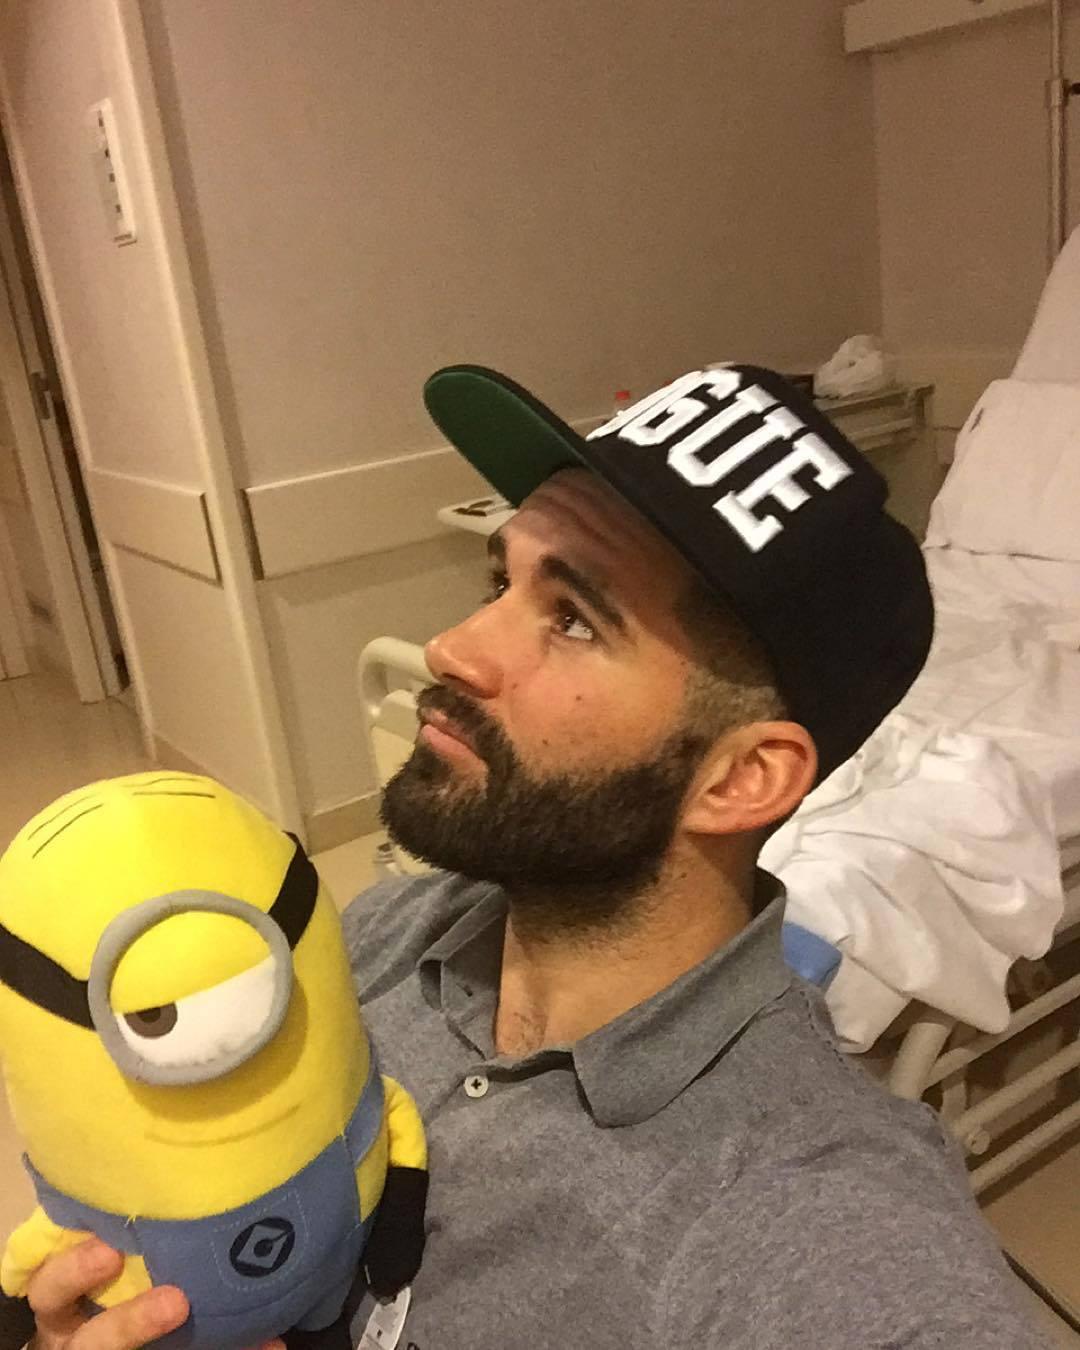 photo : mi nuevo compañero de cama gracias ginuribe beardburnme http://www.neofic.com